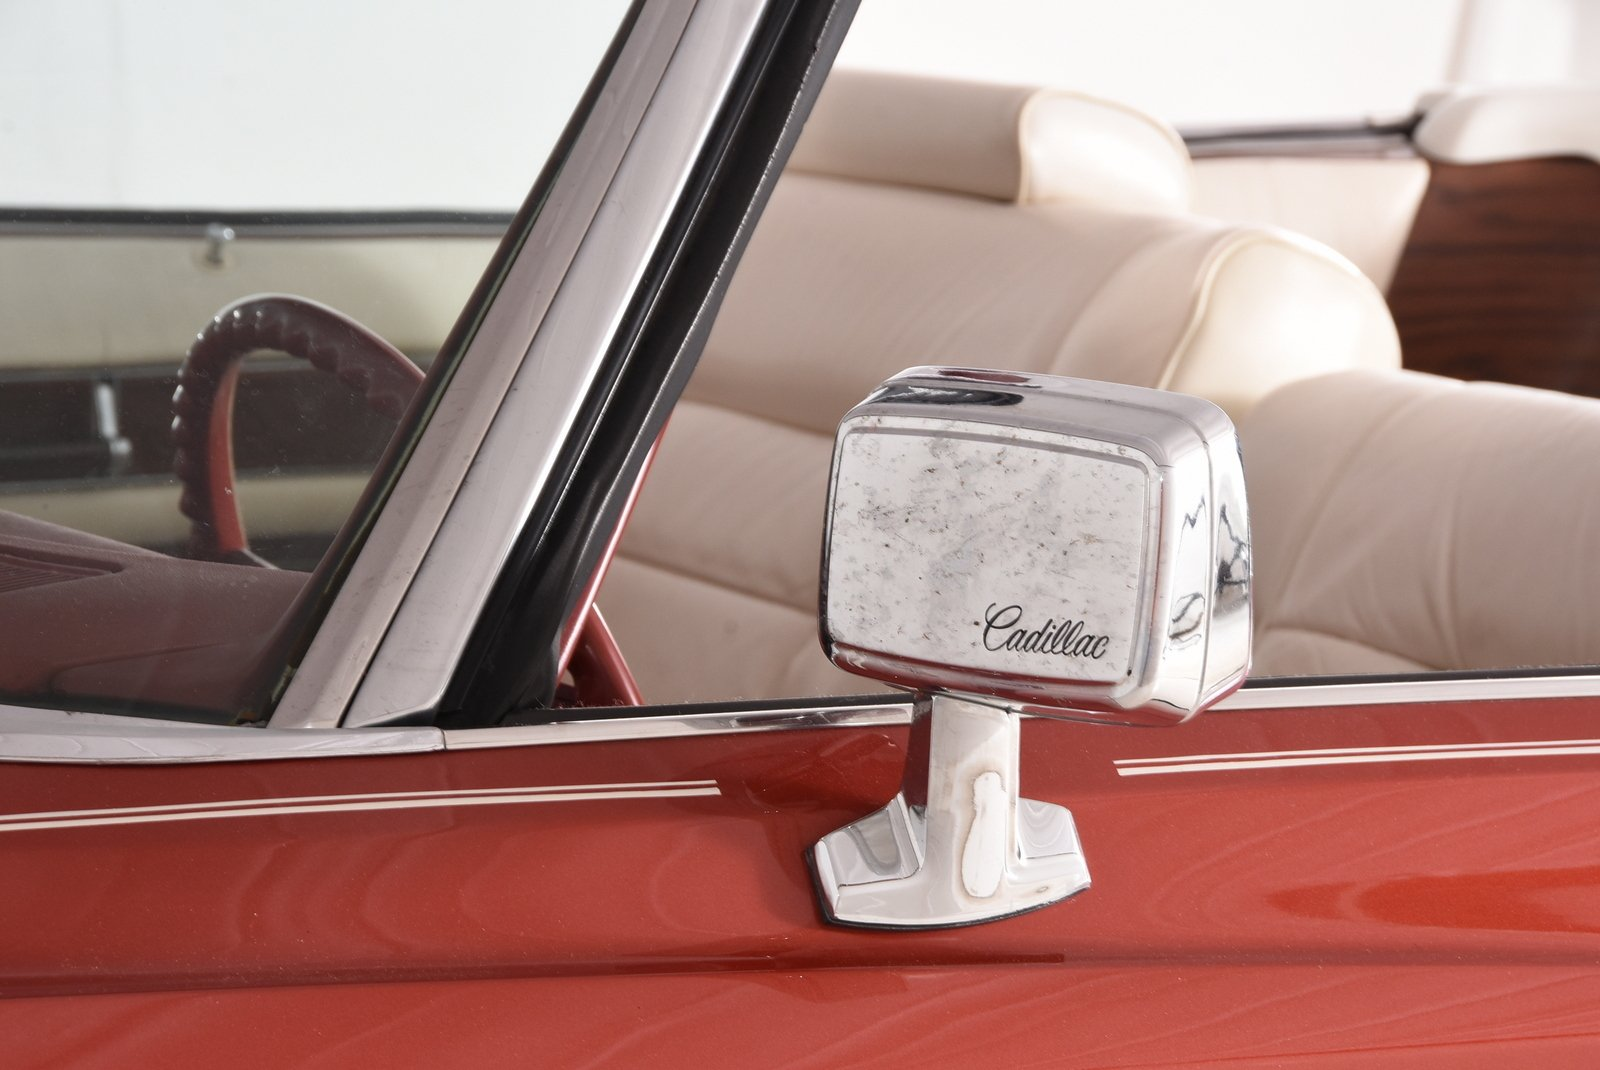 47 48 49 50 51 52 53 54 Cadillac door window felt clips